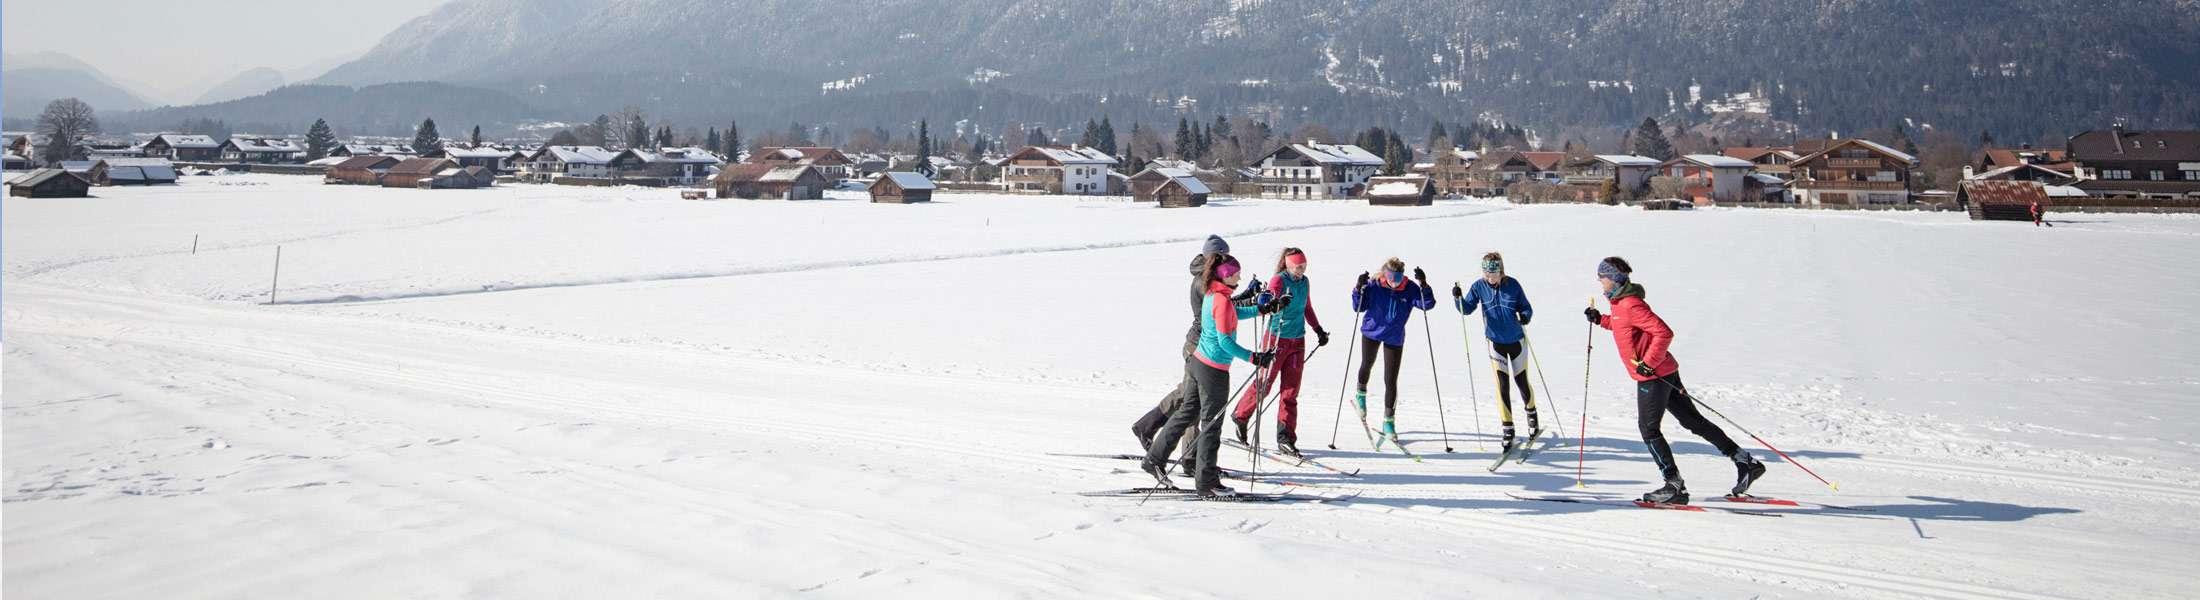 Ski Rental Skischool Garmisch Partenkirchen